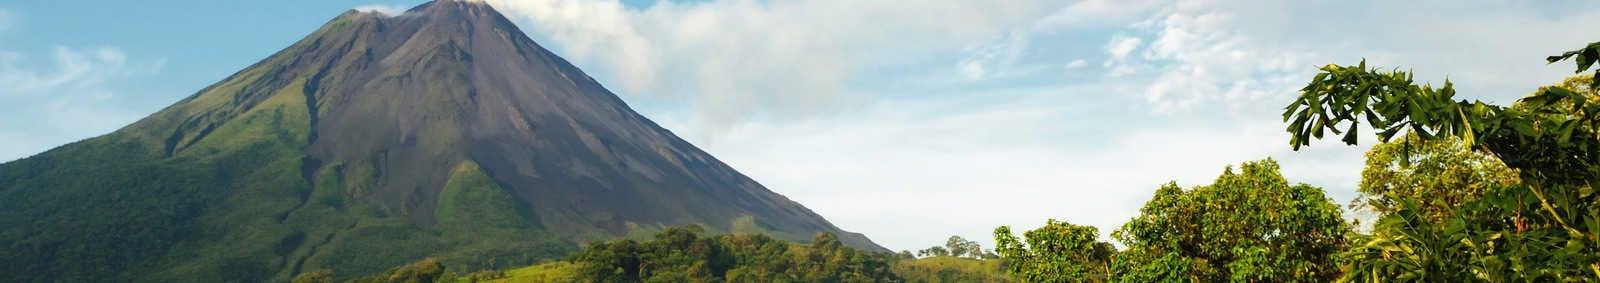 Arenal Volcano emitting smoke, Costa Rica